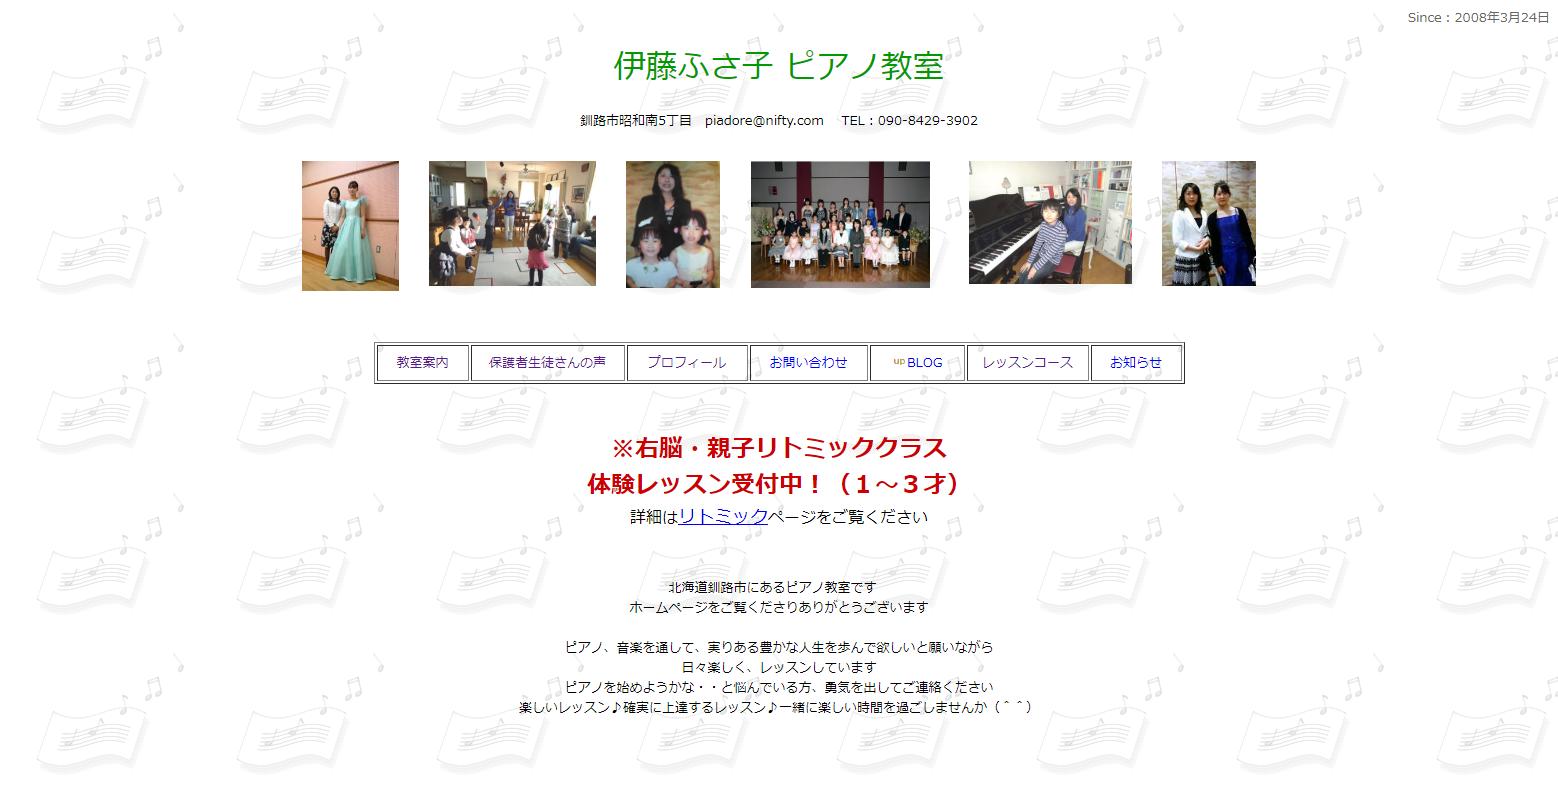 伊藤ふさ子ピアノ教室のサムネイル